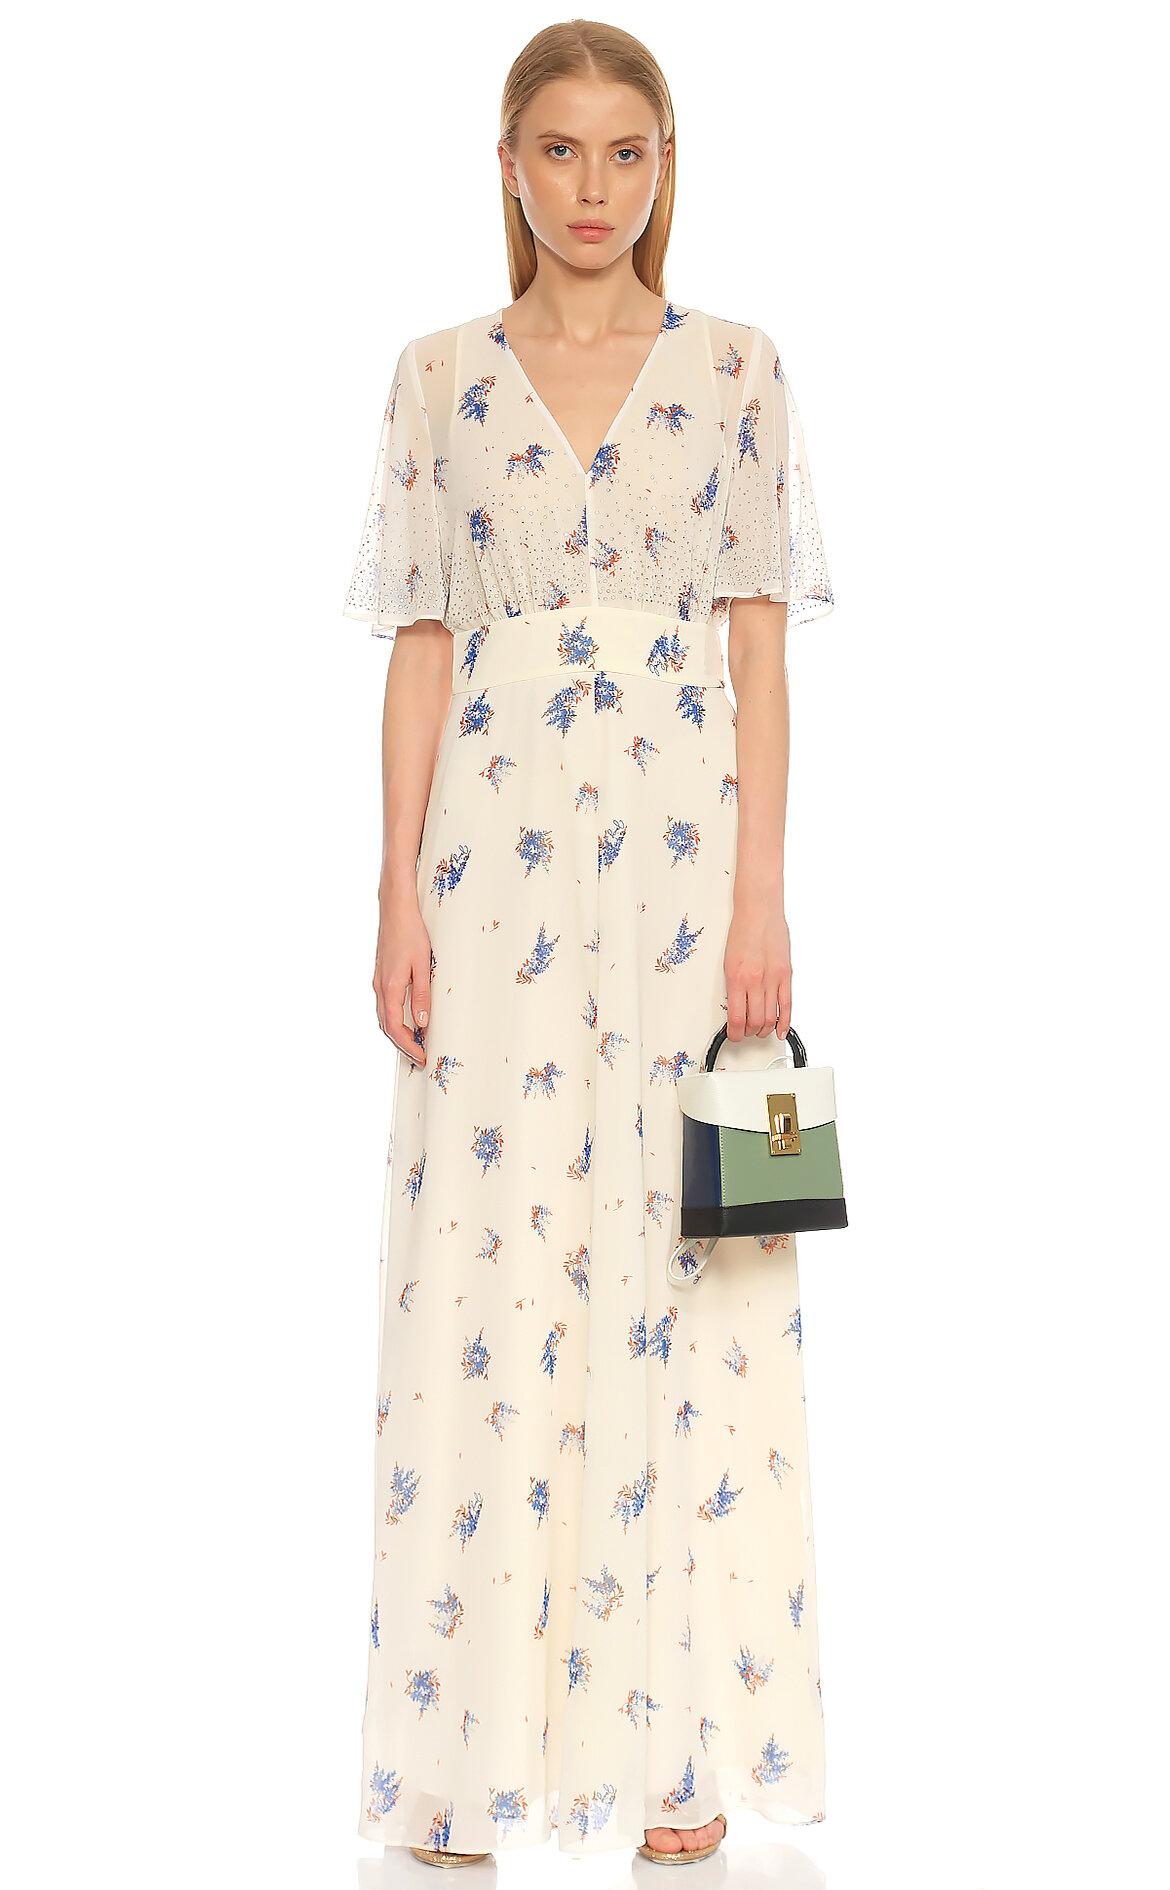 Juicy Couture-Juicy Couture Çiçek Desenli Renkli Elbise